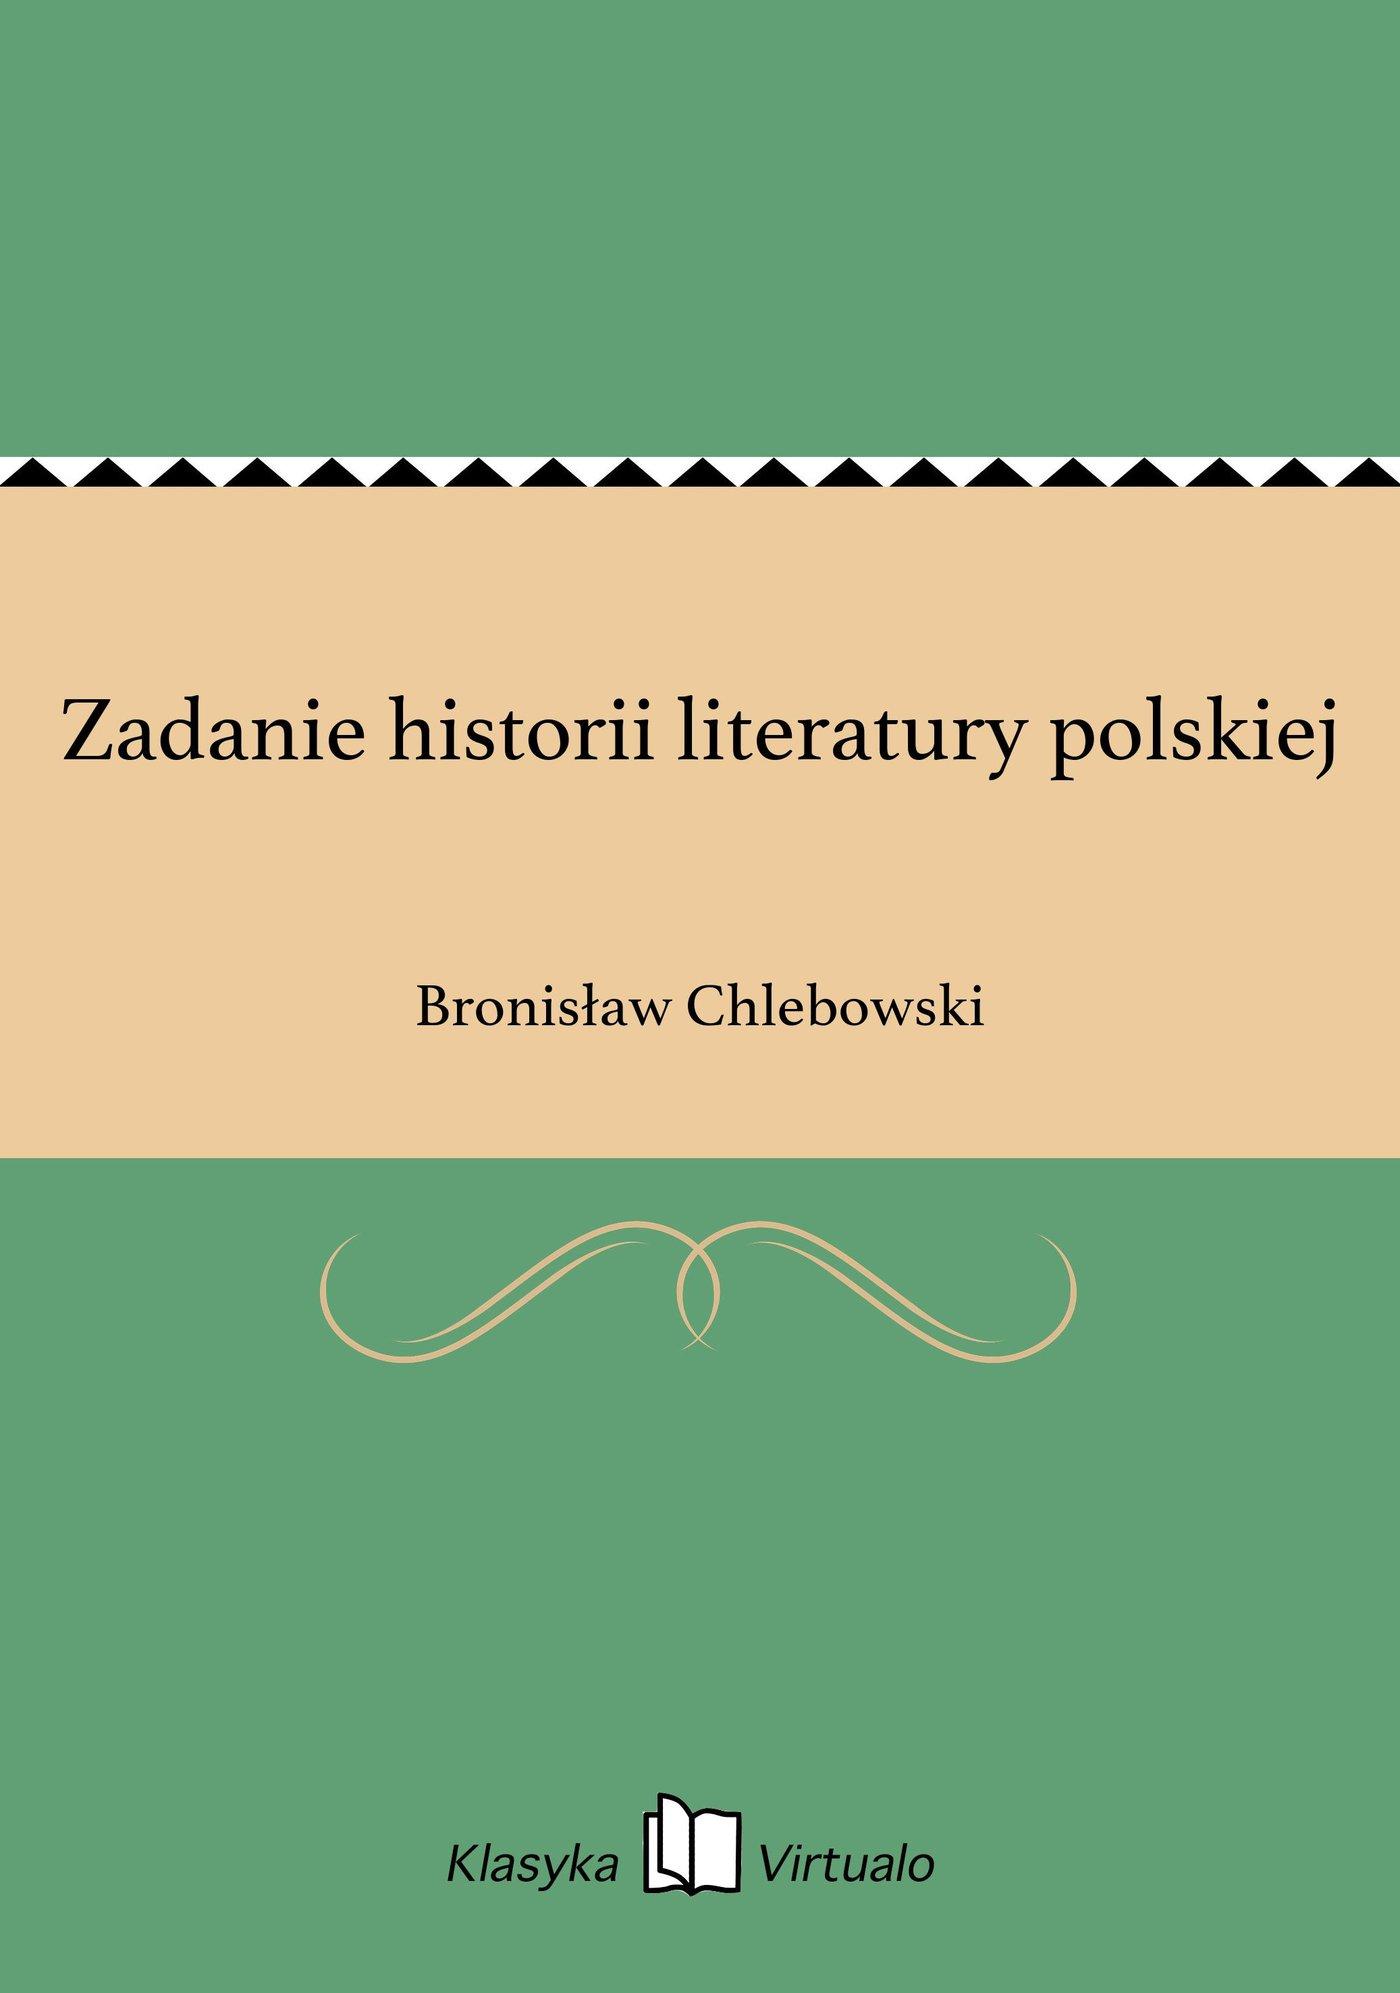 Zadanie historii literatury polskiej - Ebook (Książka EPUB) do pobrania w formacie EPUB